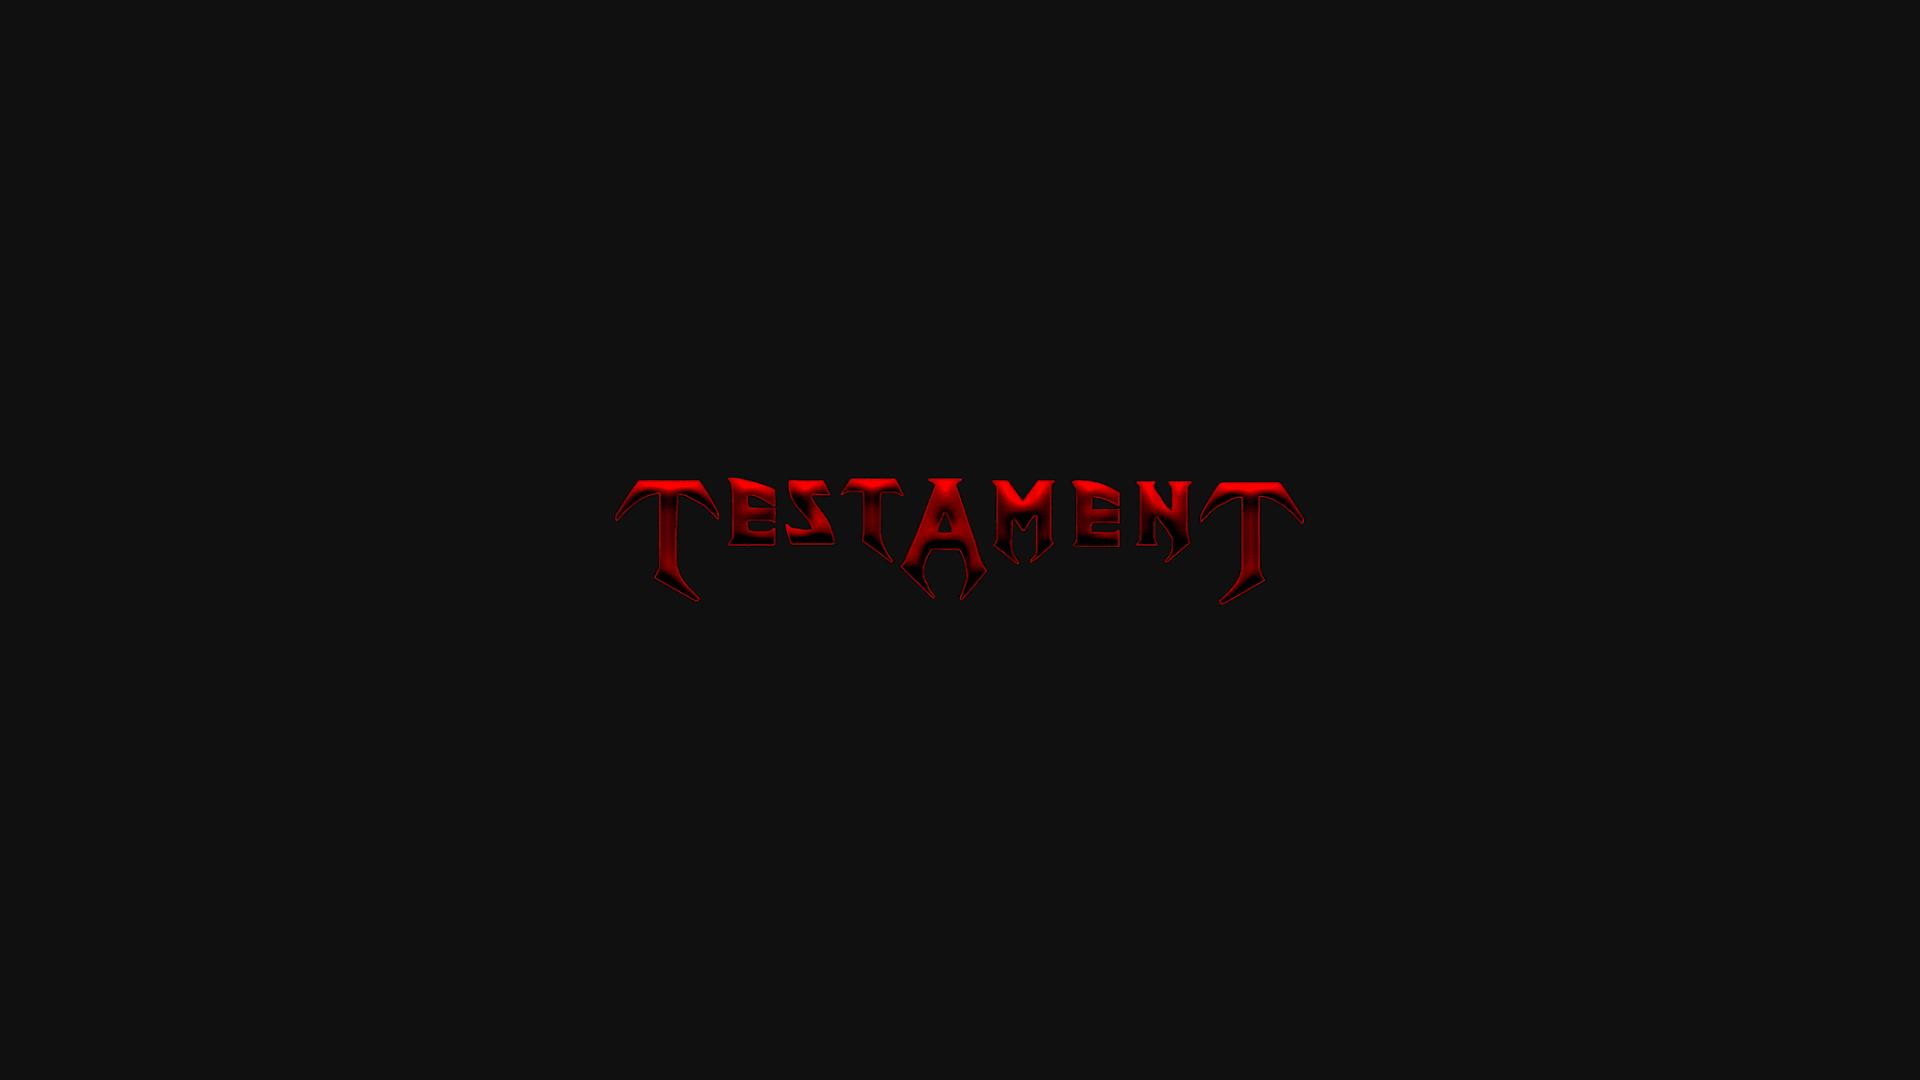 testament logo by orangeman80 on deviantart